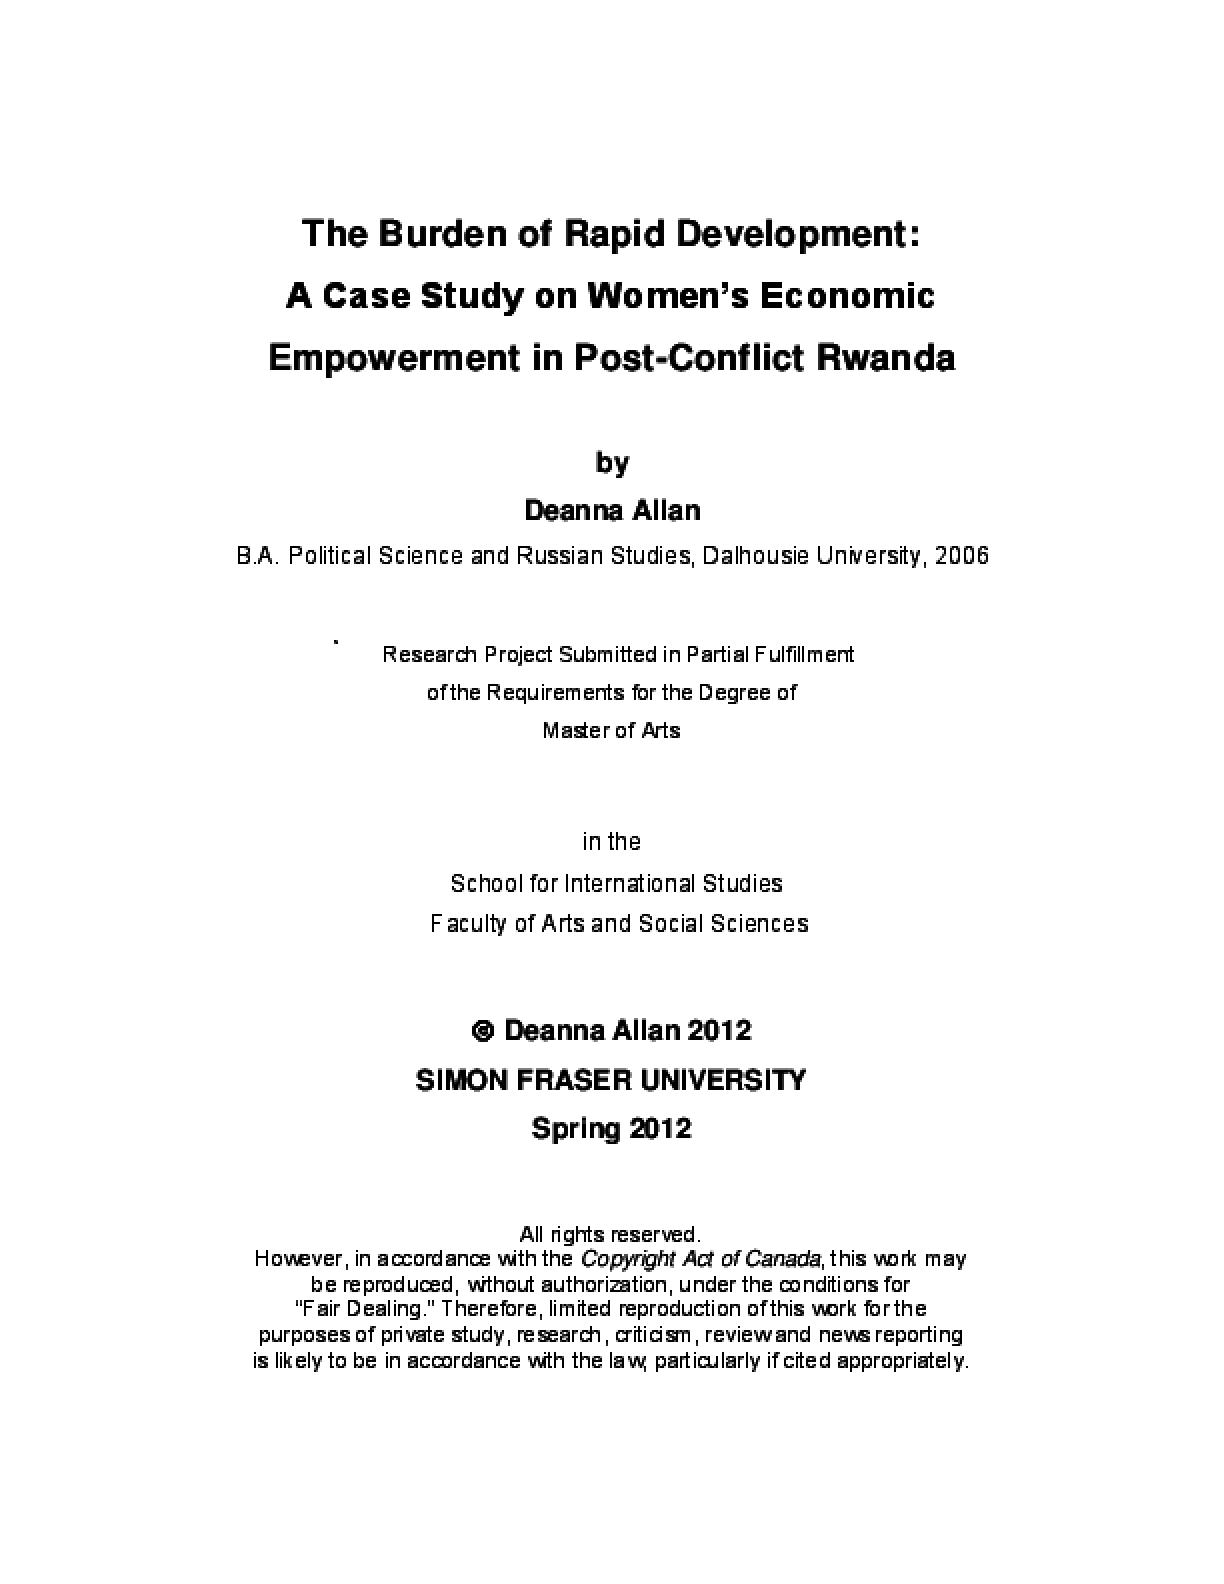 The Burden of Rapid Development: A Case Study of Women's Economic Empowerment in Post-Conflict Rwanda